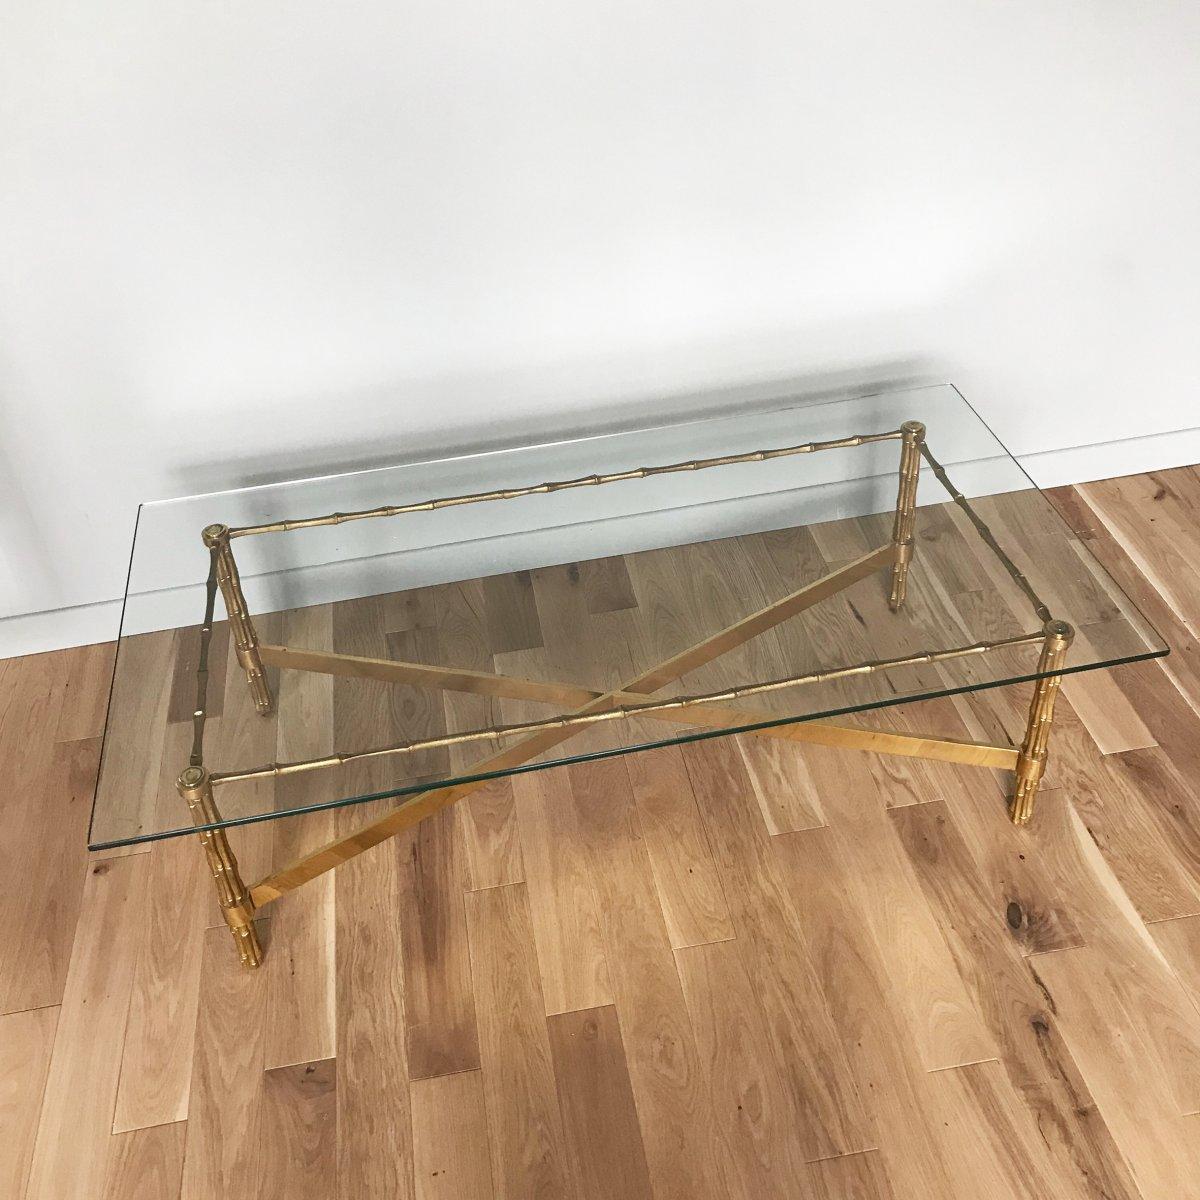 Table Basse Dans Le Goût De Bagues